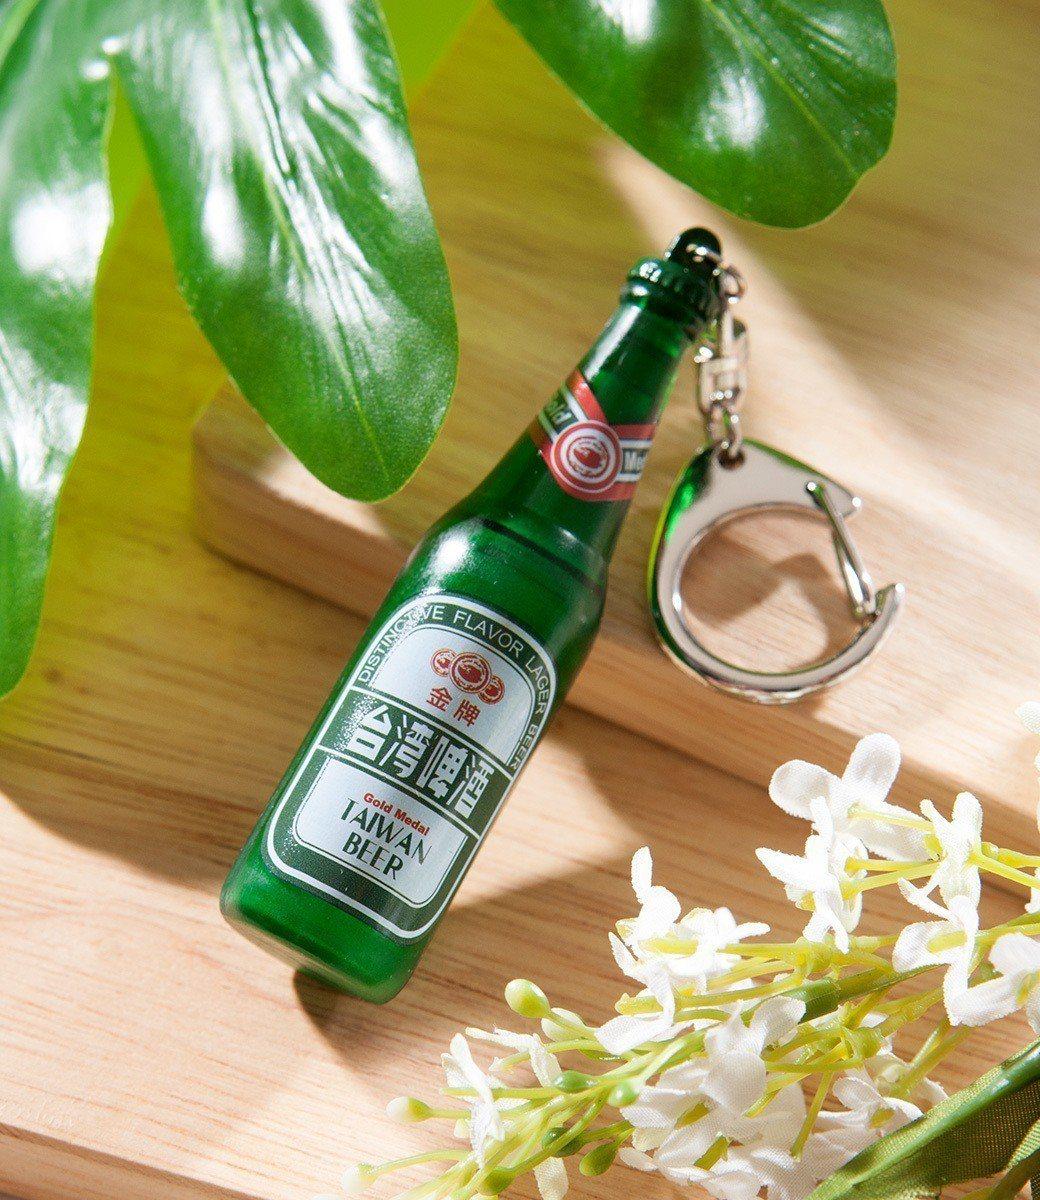 悠遊卡公司為倡導民眾「喝酒不開車、回家嗶悠遊」,特別製作立體造型的「金牌台灣啤酒...